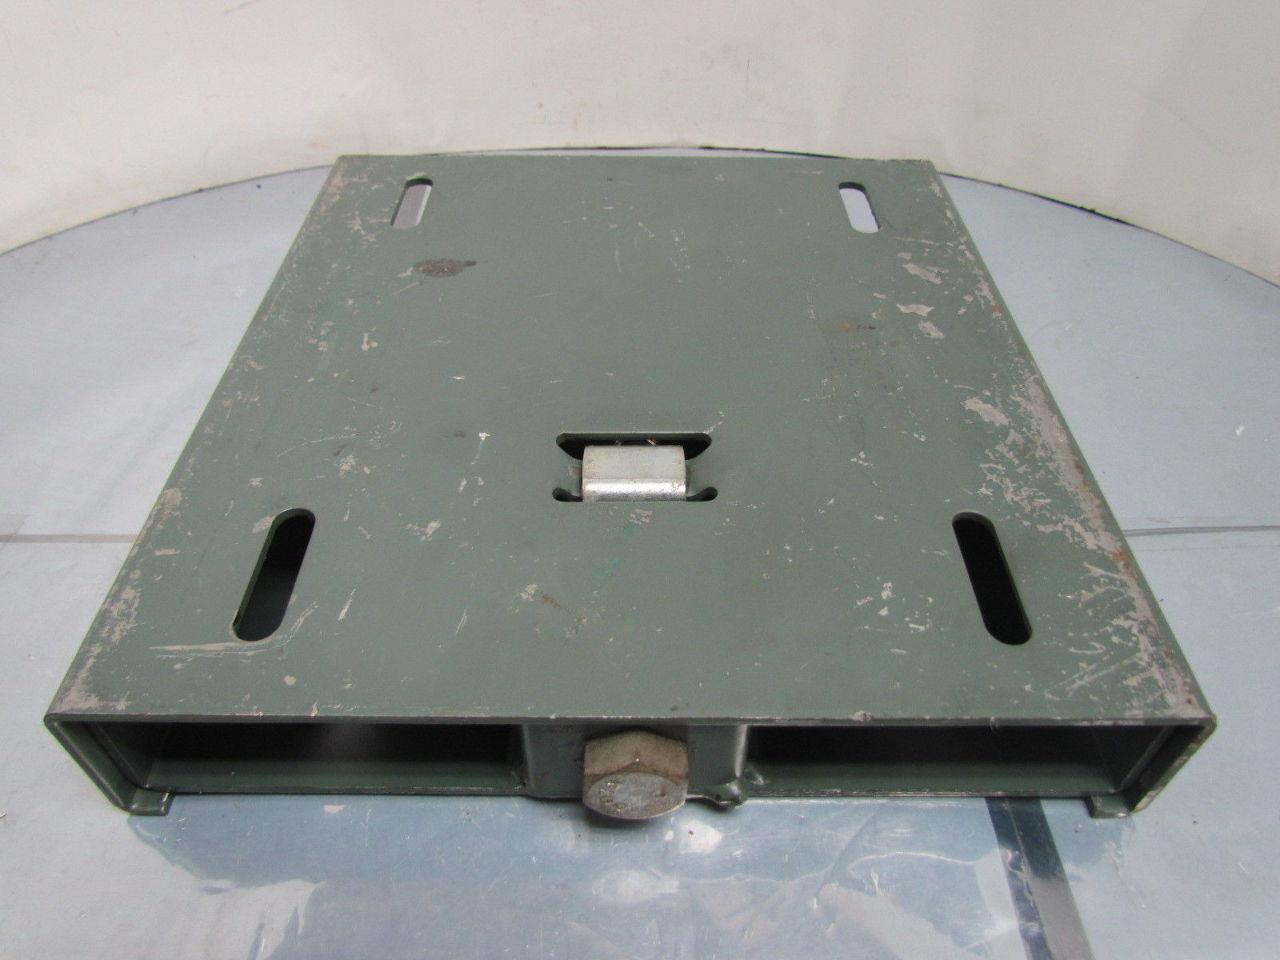 Dodge 122120 type 50a slide motor base adjustable foot for Adjustable motor base mount